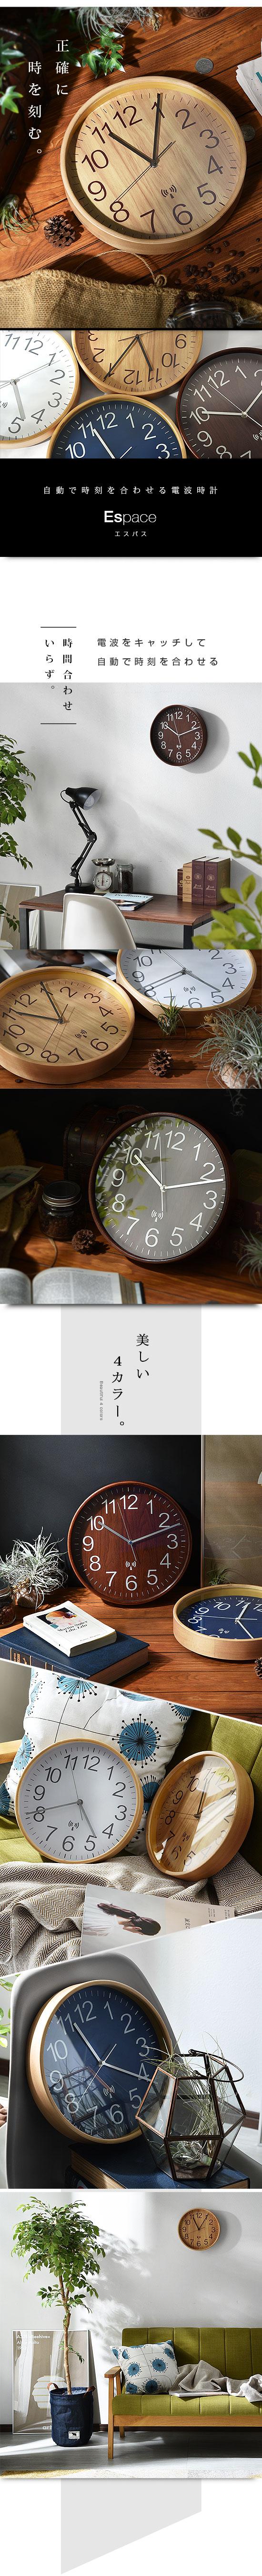 ない 合わ 電波 時計